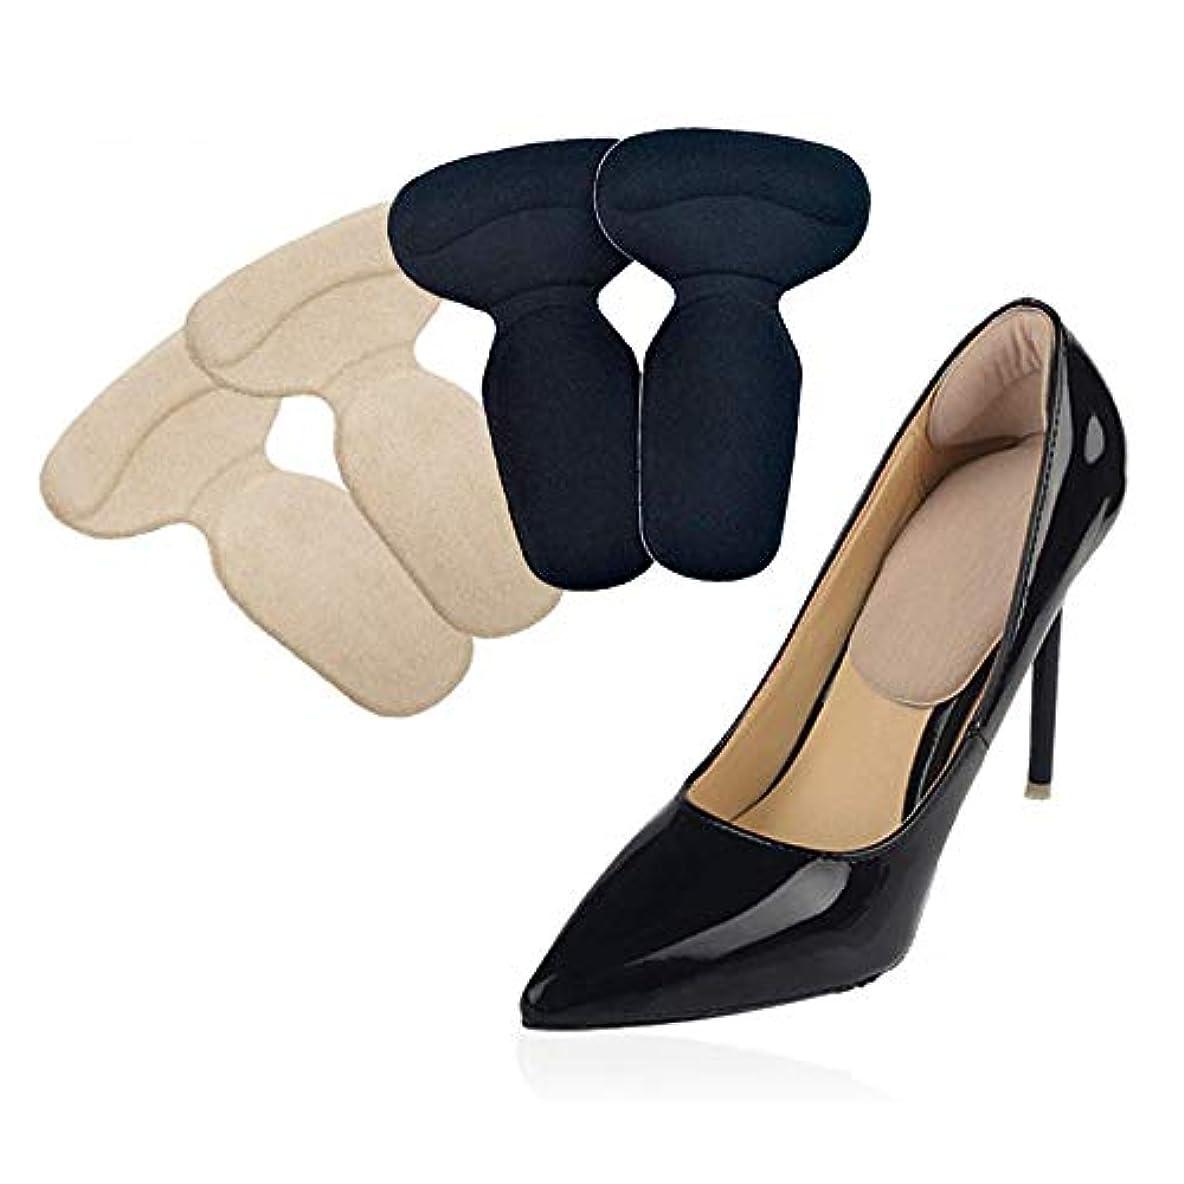 建物熟読カリング靴のサイズ調整2足分入り 靴ずれ防止パッド かかとクッション インソー痛み緩和 防止